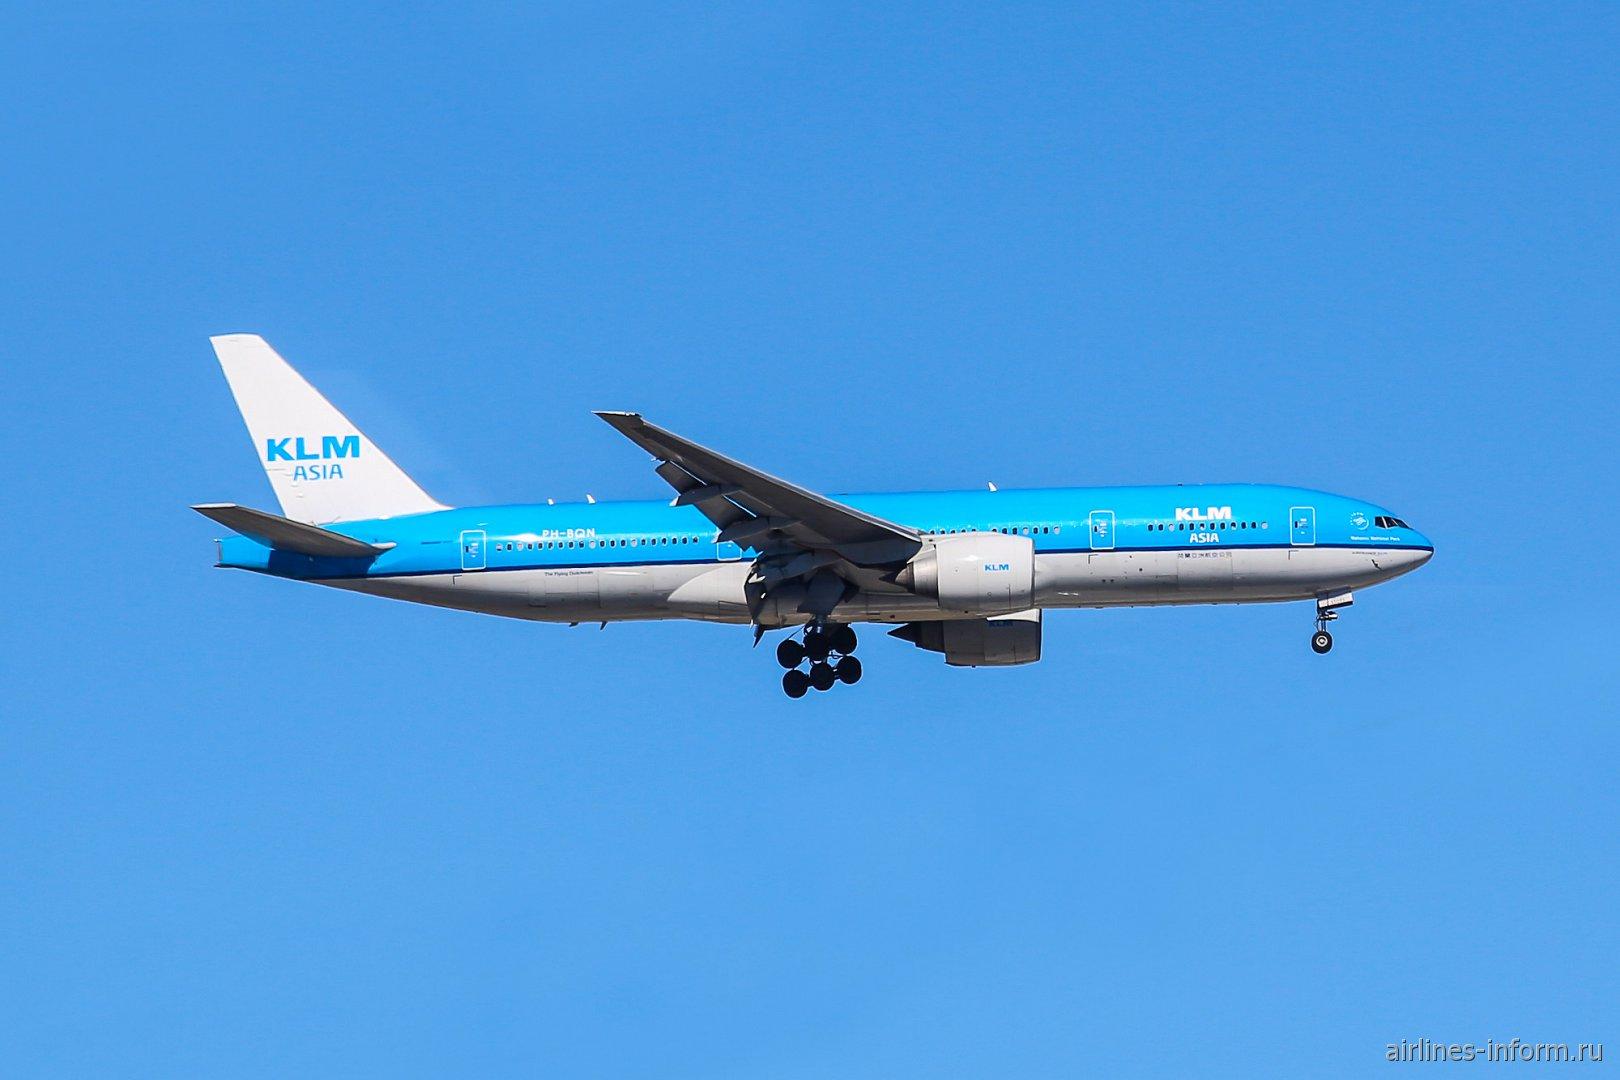 В полете Боинг-777-200 KLM Asia